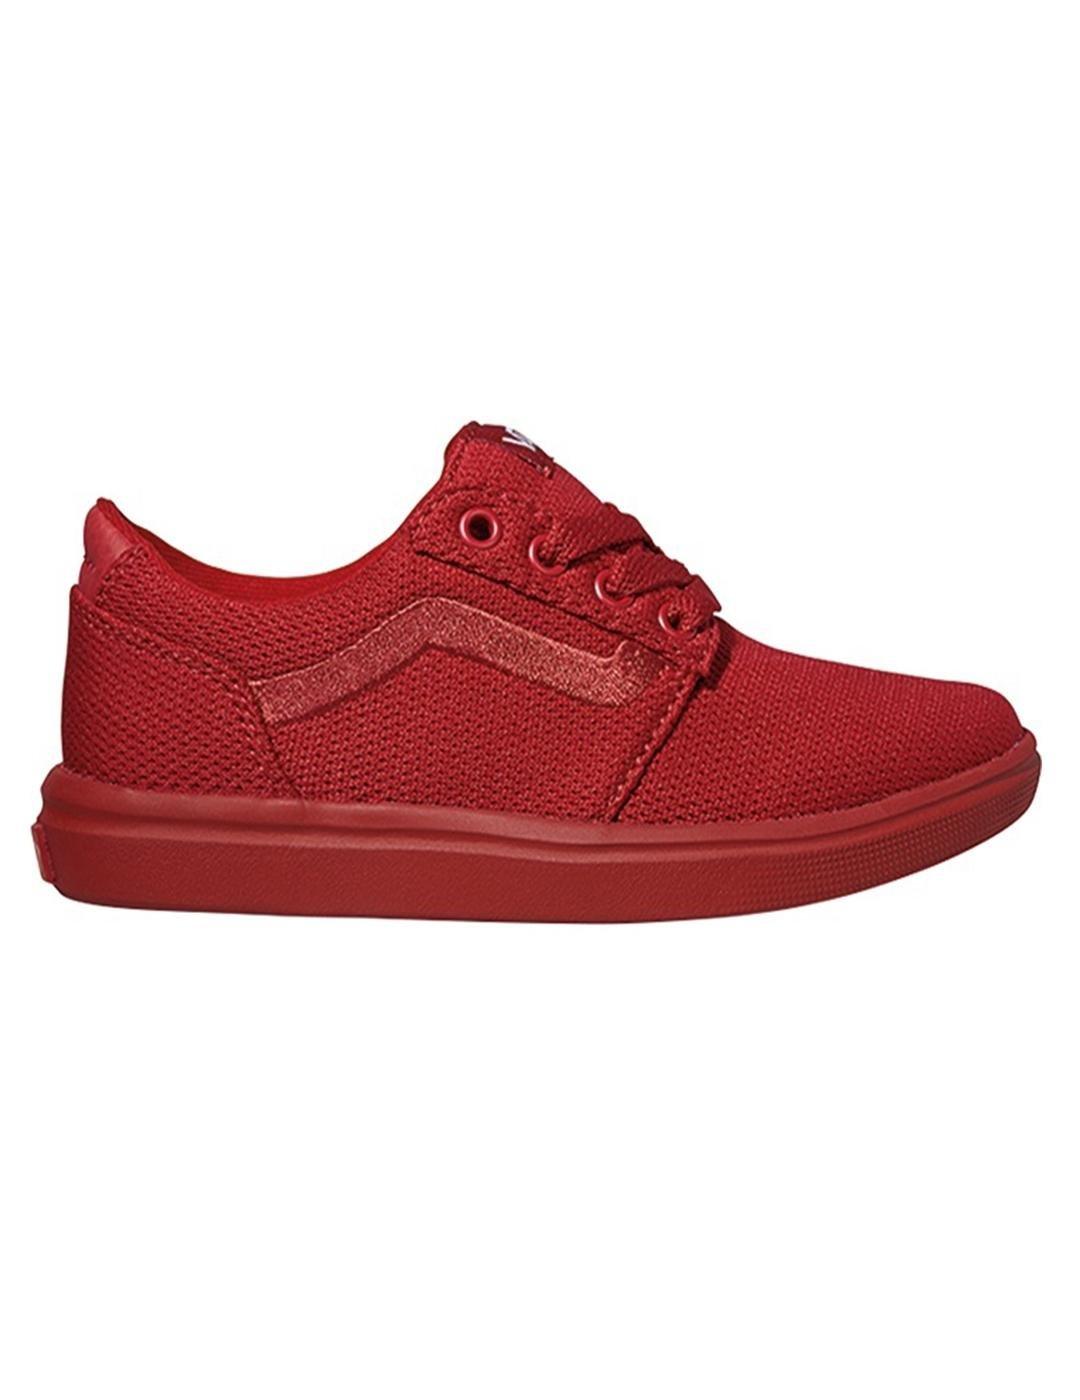 Zapatilla Moda Vans Chapman Lite Mesh Rojo 36 EU|Rojo